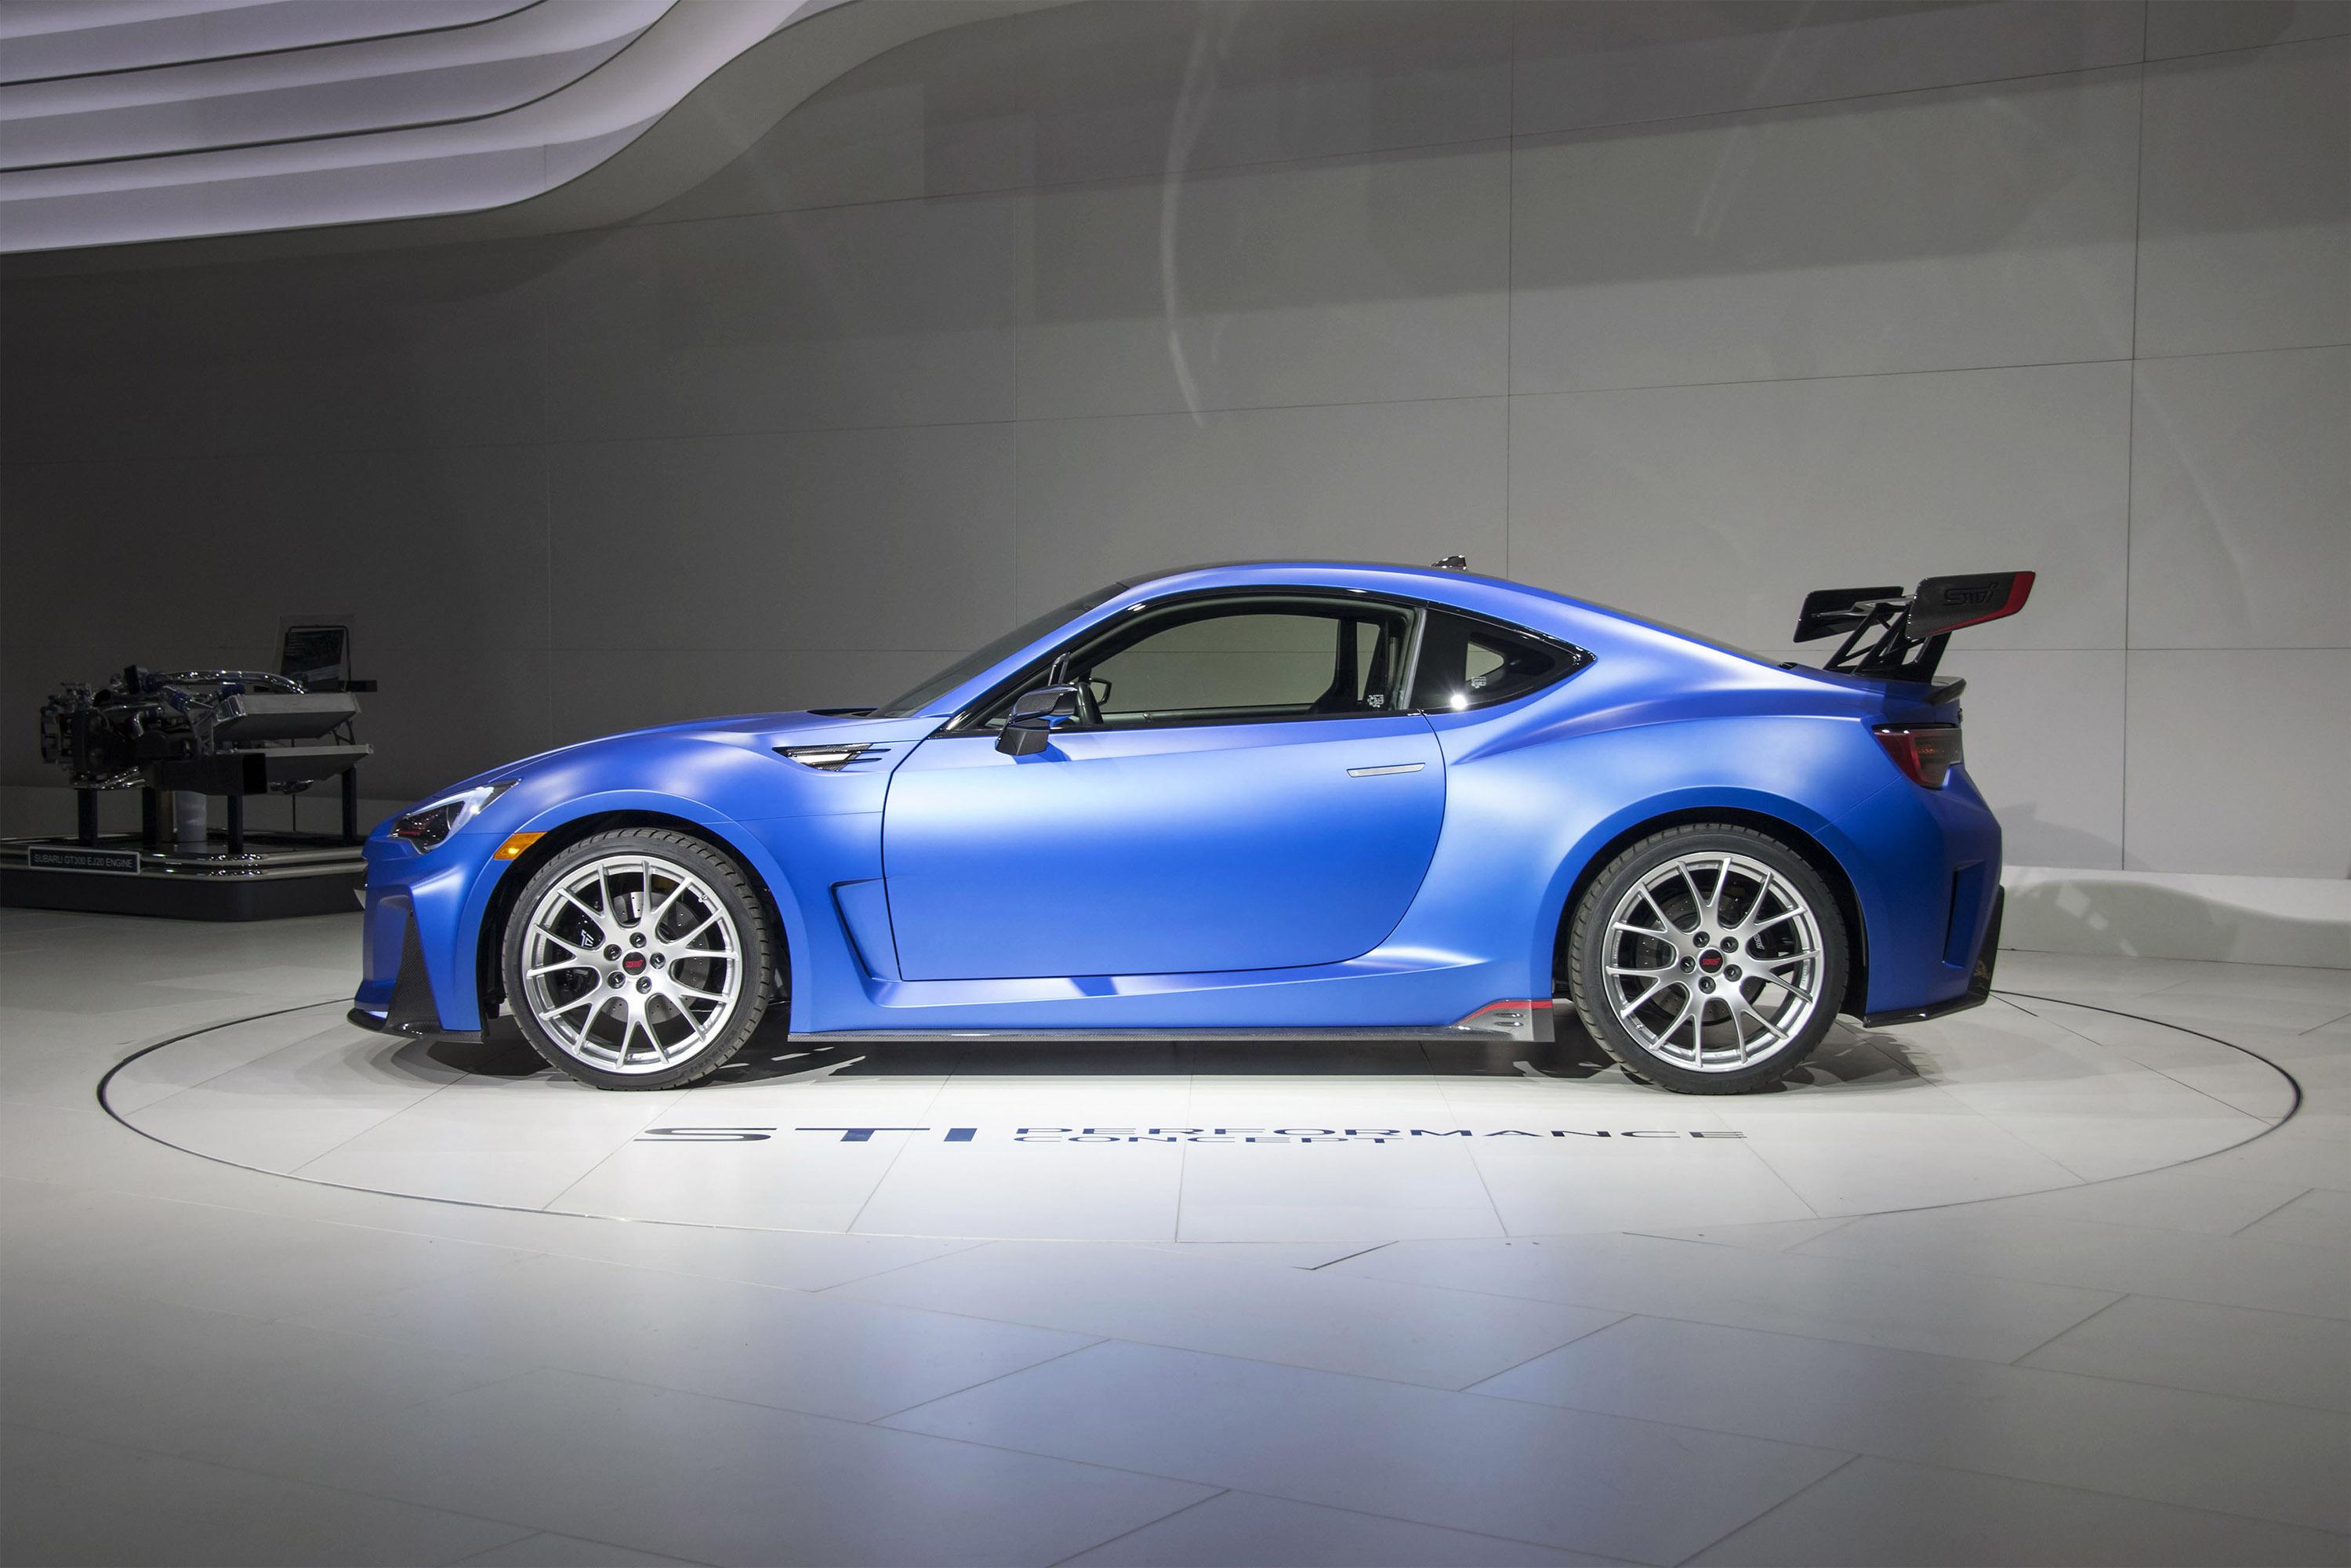 2016 Kia Optima Accessories >> 2015 Subaru BRZ STI Performance Concept - HD Pictures ...